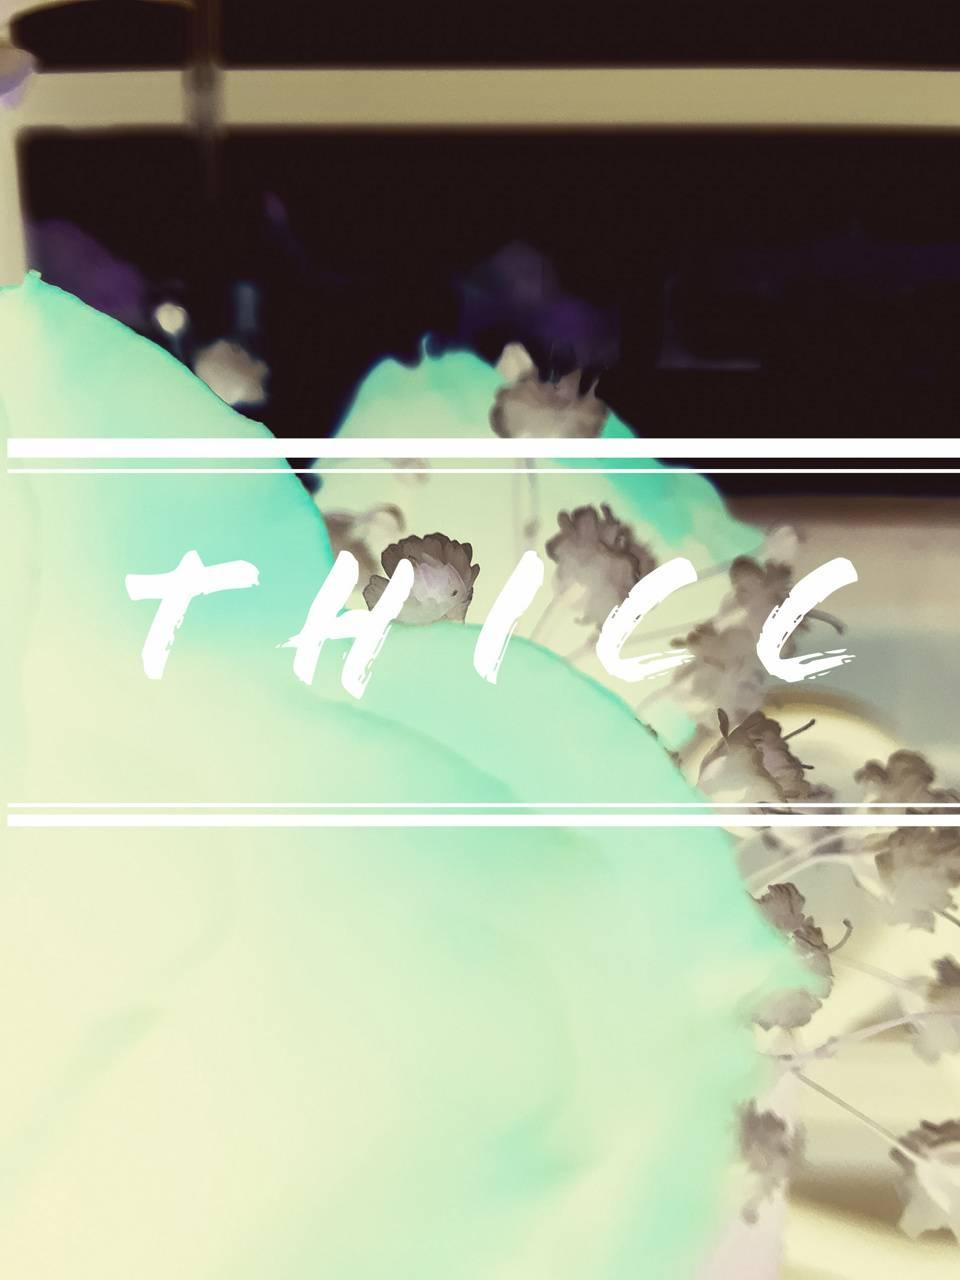 T H I C C